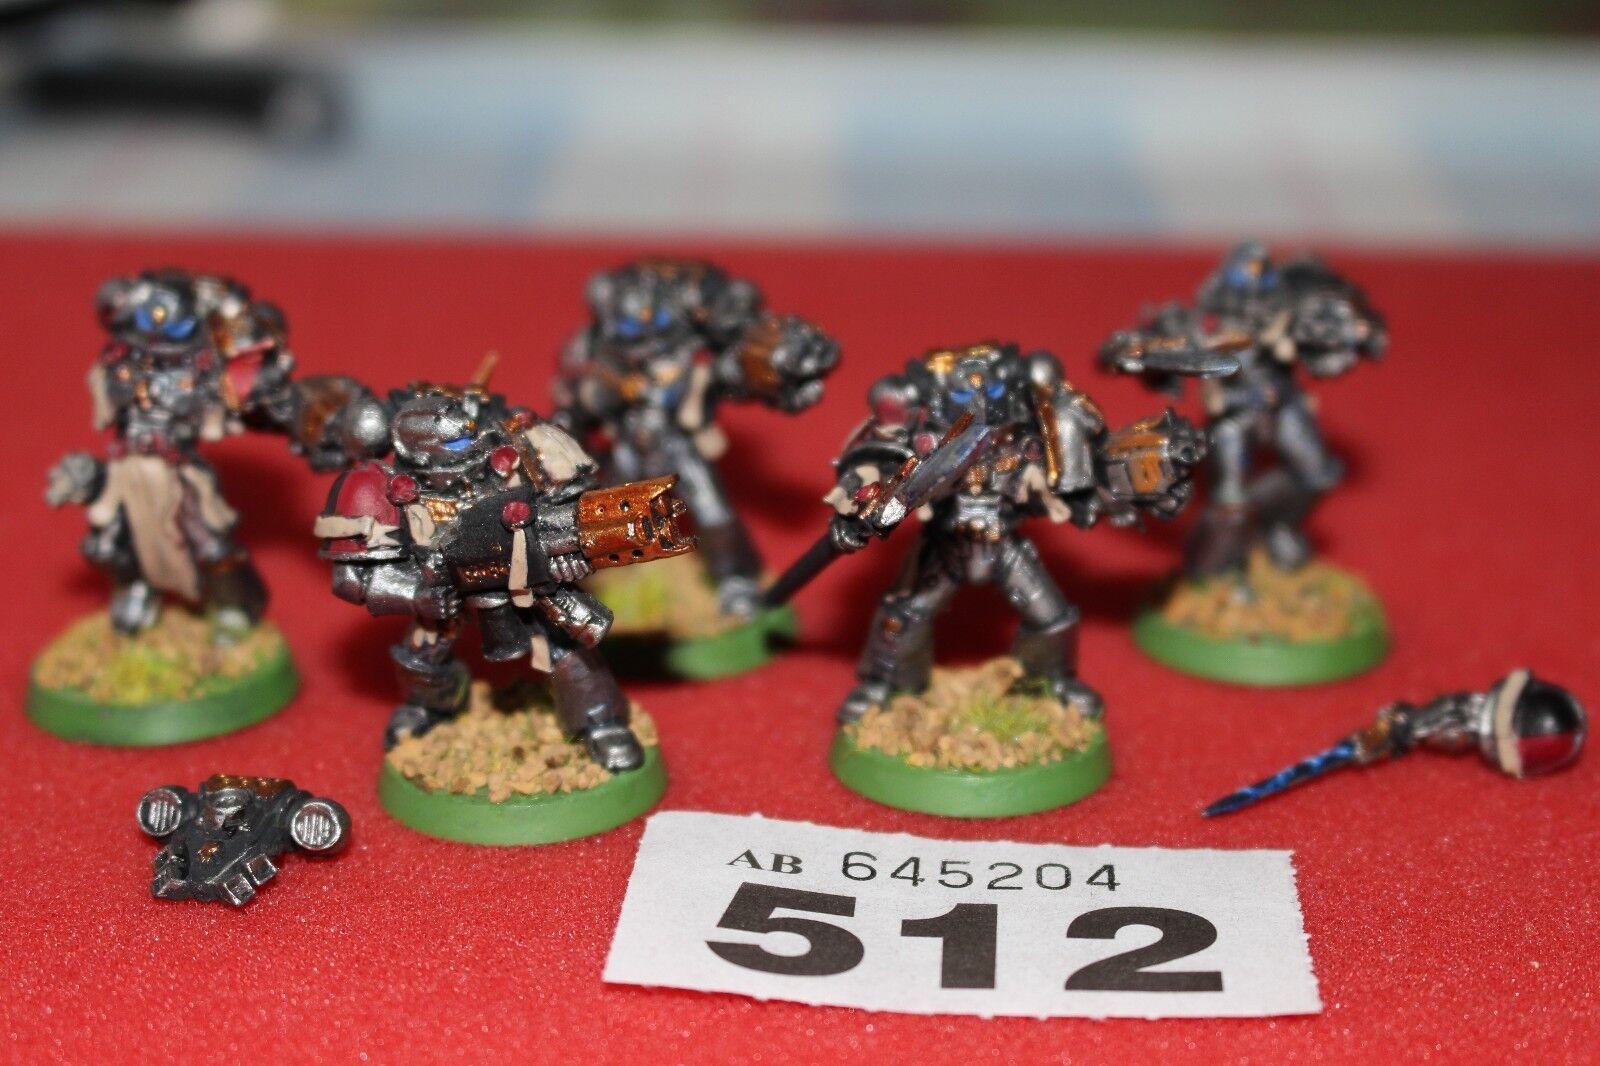 giocos  lavoronegozio WARHAMMER 40k Grigio CAVALIERI Squad 5 modellololi in mettuttio verniciato justiauto  ordina ora i prezzi più bassi